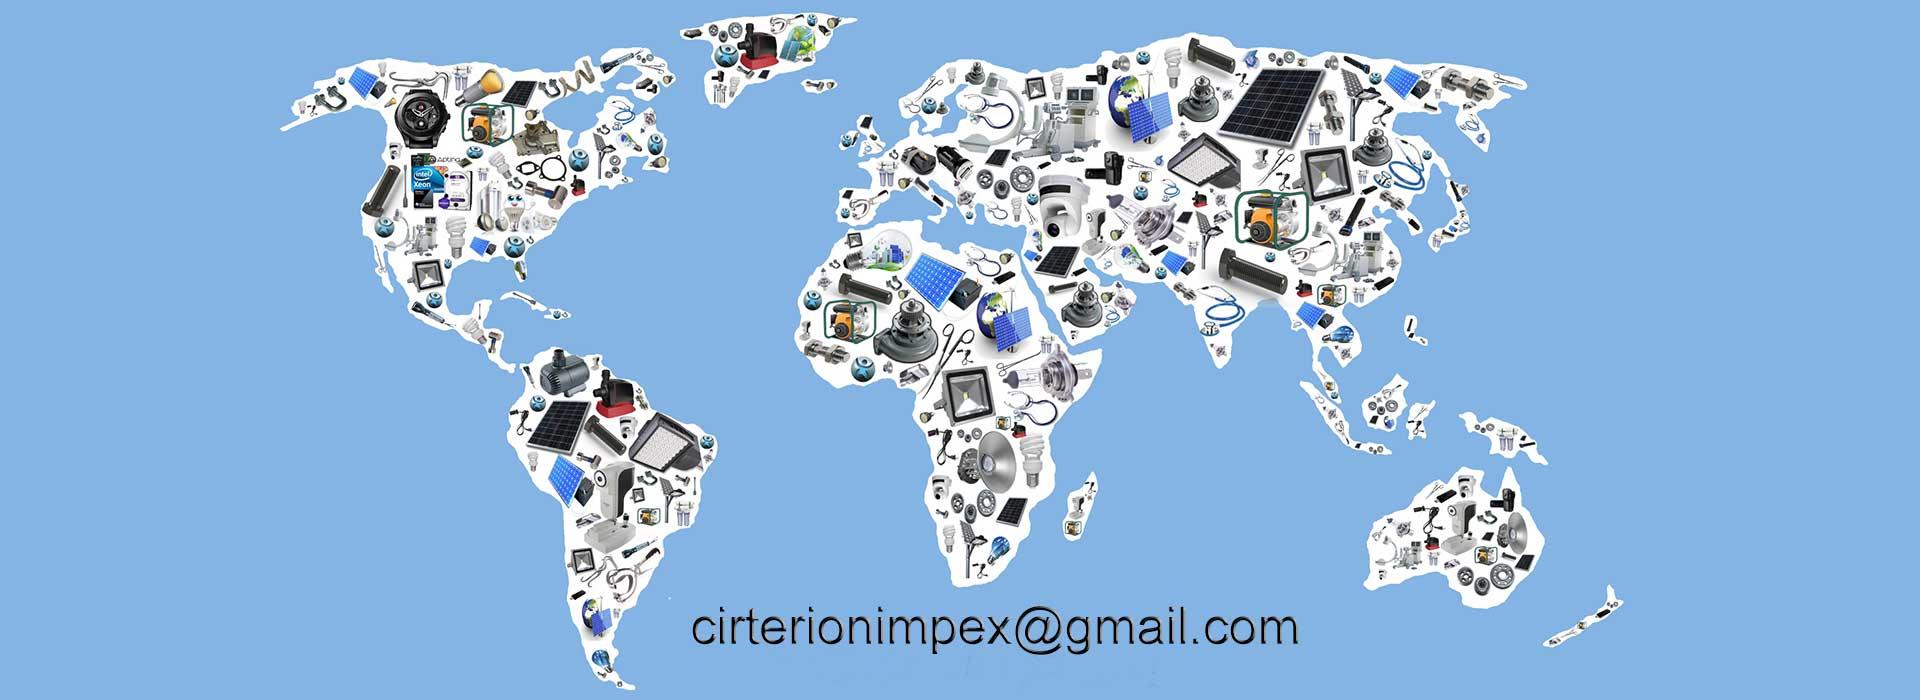 Criterion-Impex